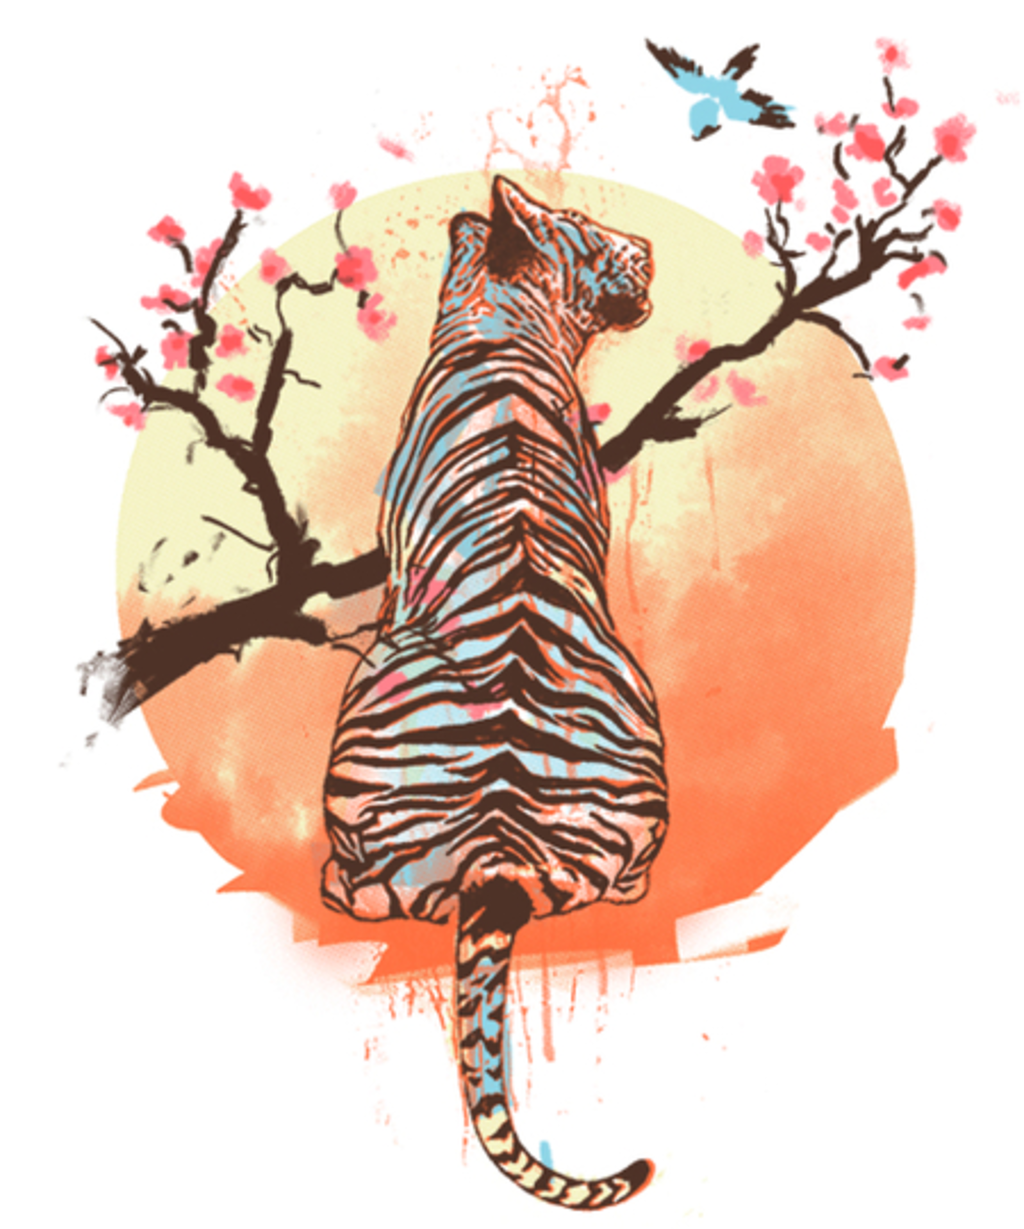 Qwertee: Tiger at sakura's tree